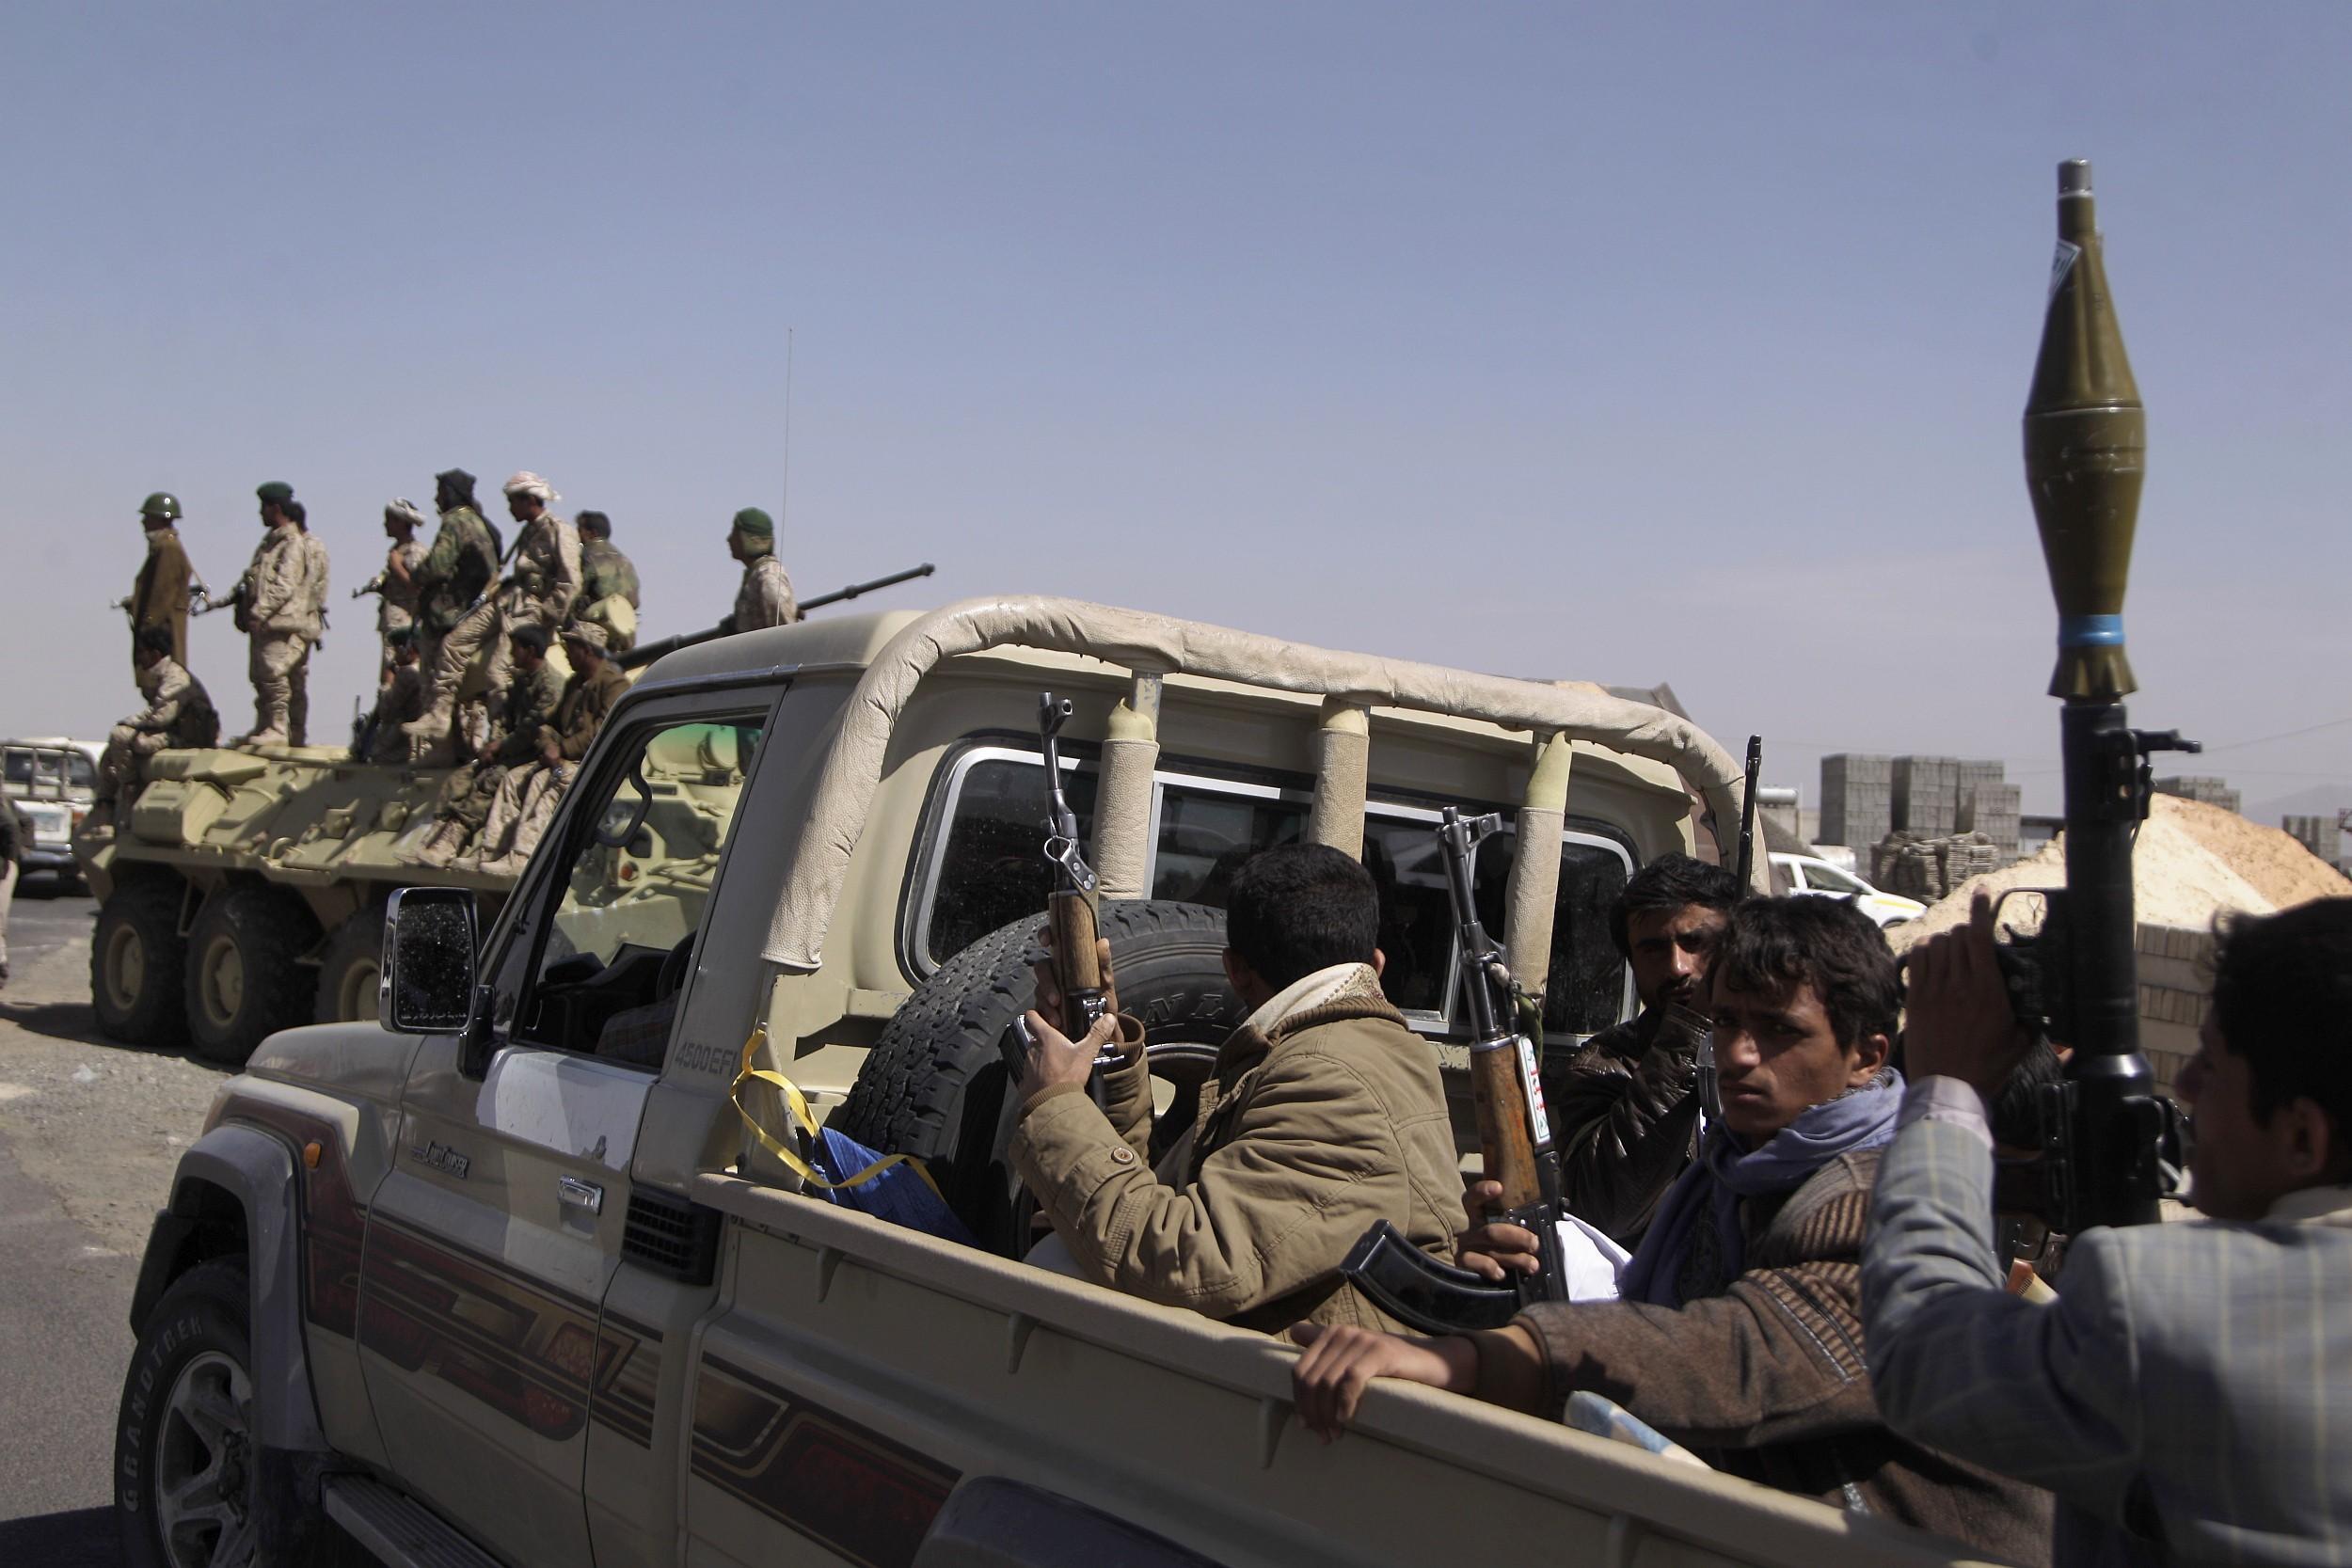 الحوثيون لا ينتظرون دعما ويبدأون جمع حشودهم